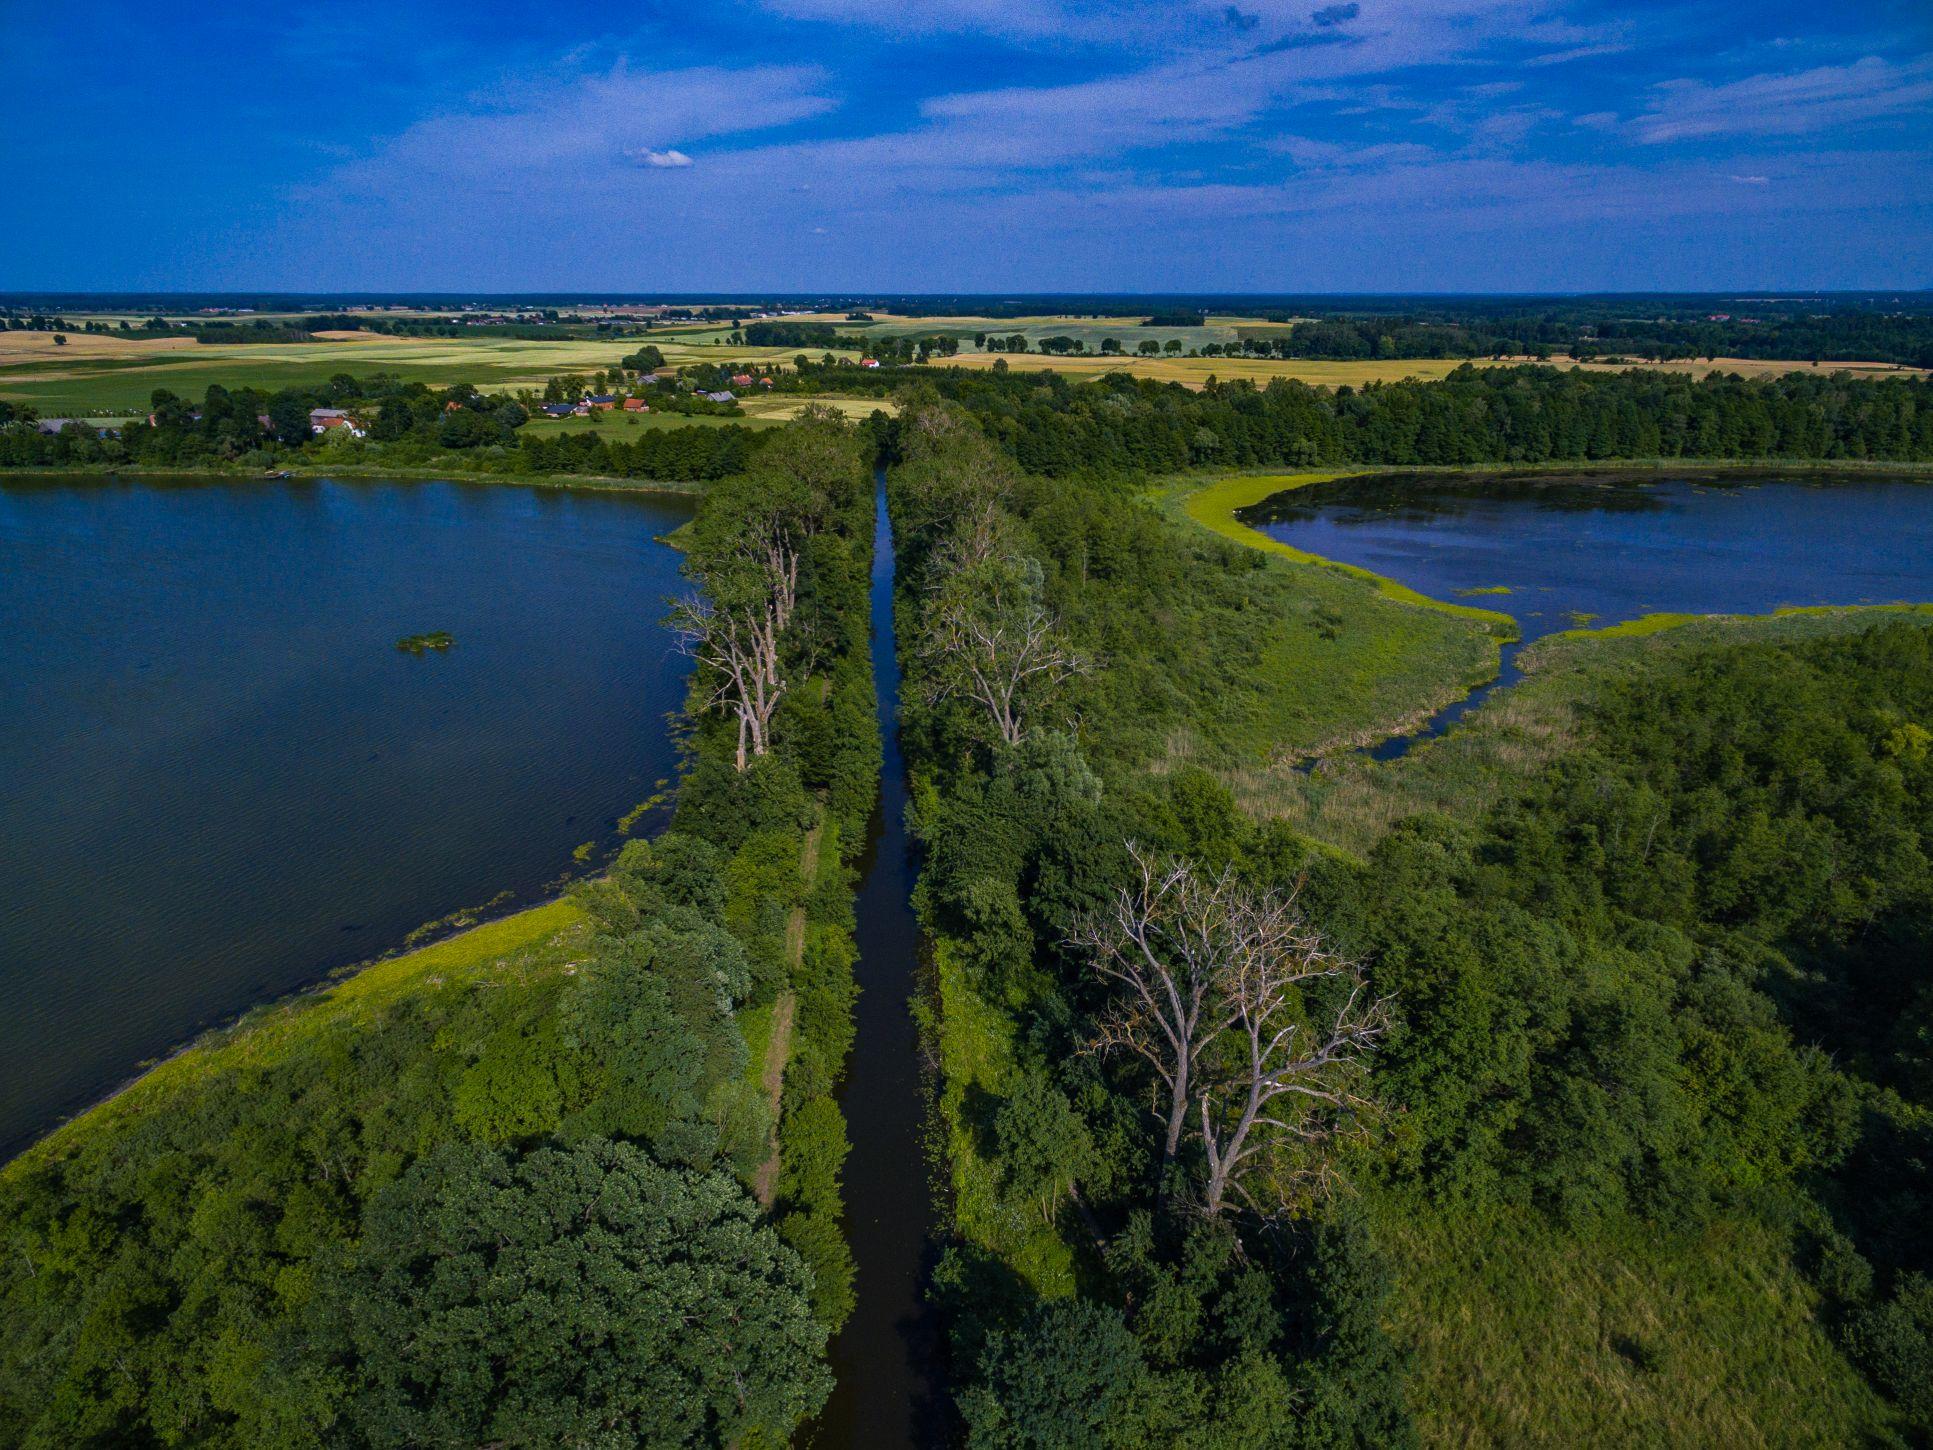 http://m.wm.pl/2020/07/orig/akwedukt-karnicki-nasyp-kanalu-elblaskiego-na-jeziorze-karnickim-638784.jpg